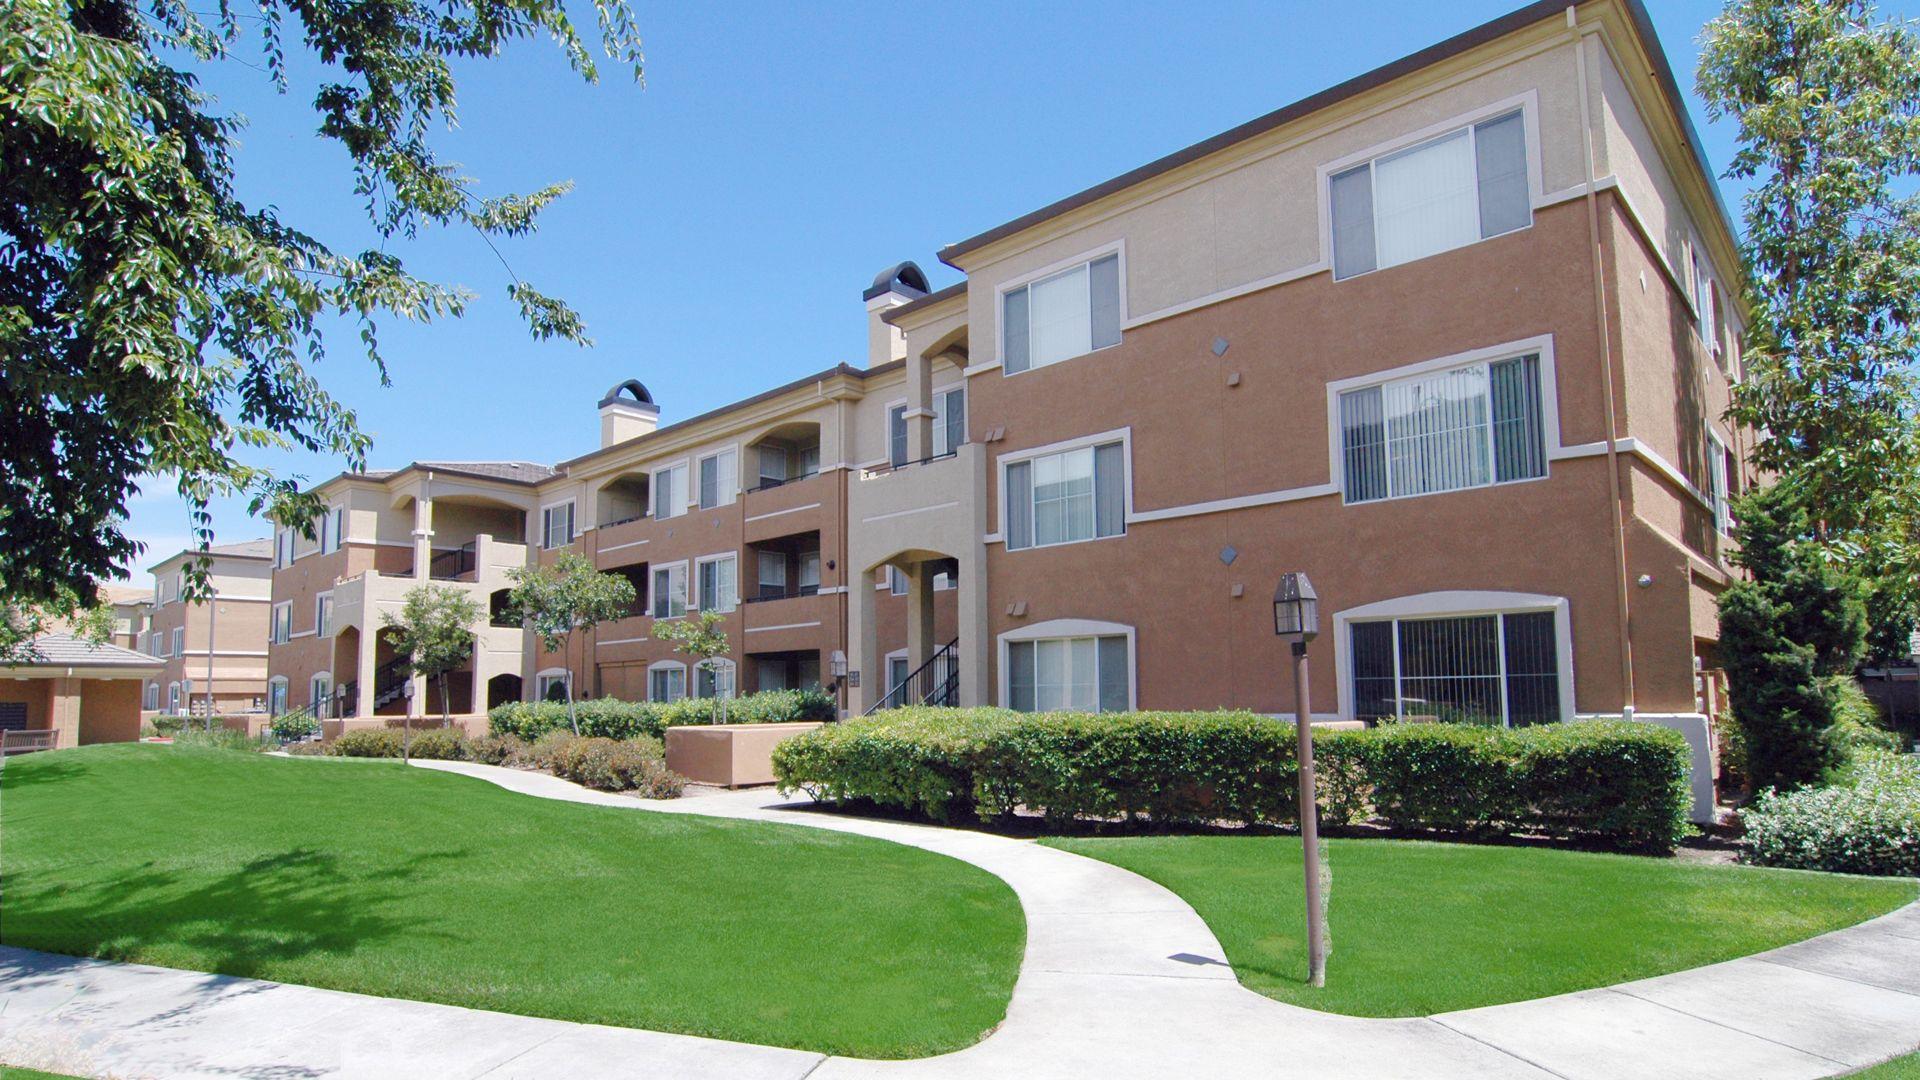 Alborada Apartments - Building